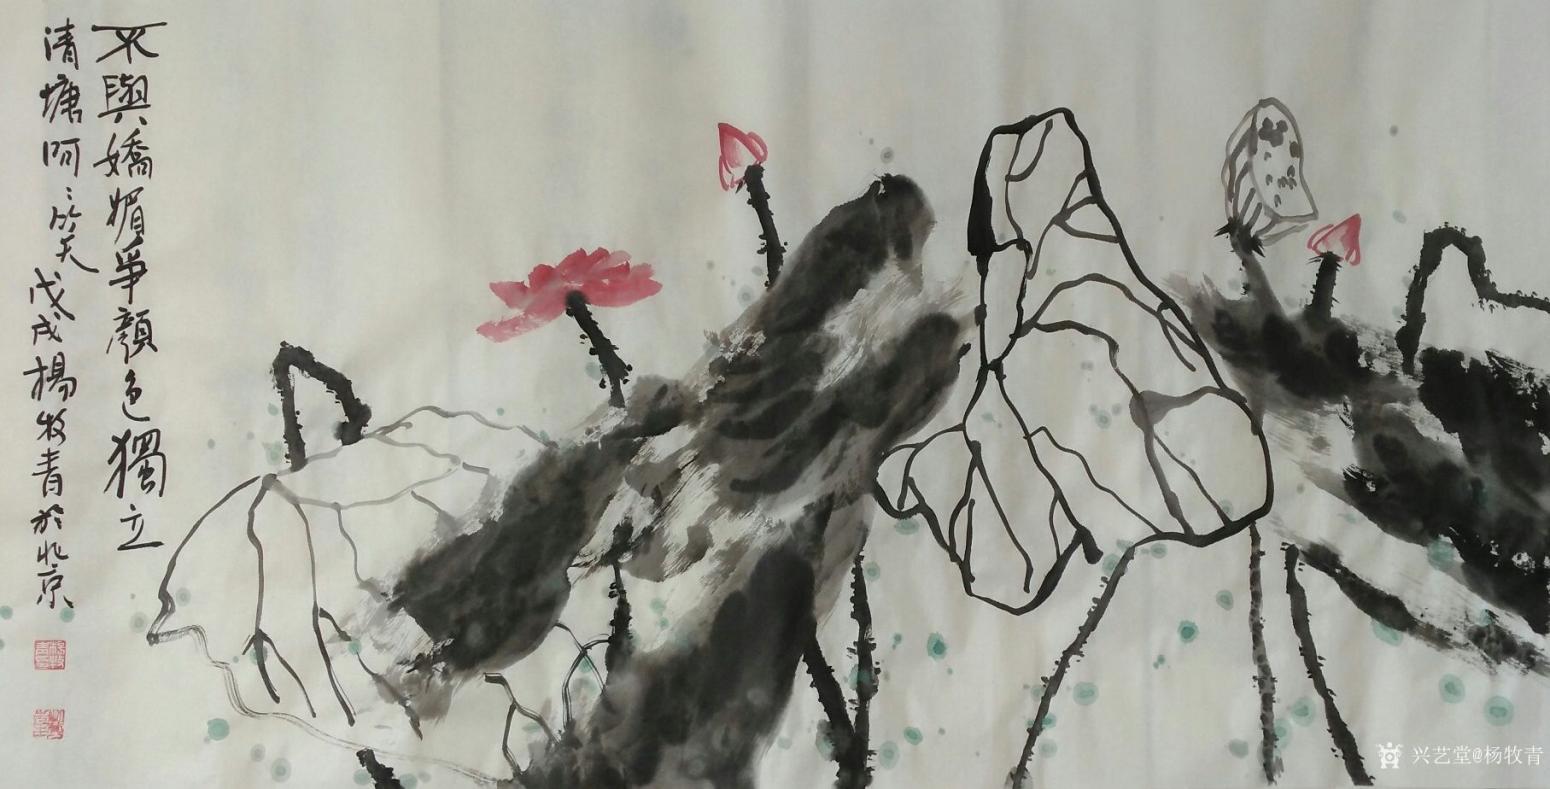 杨牧青国画作品《荷》【图0】